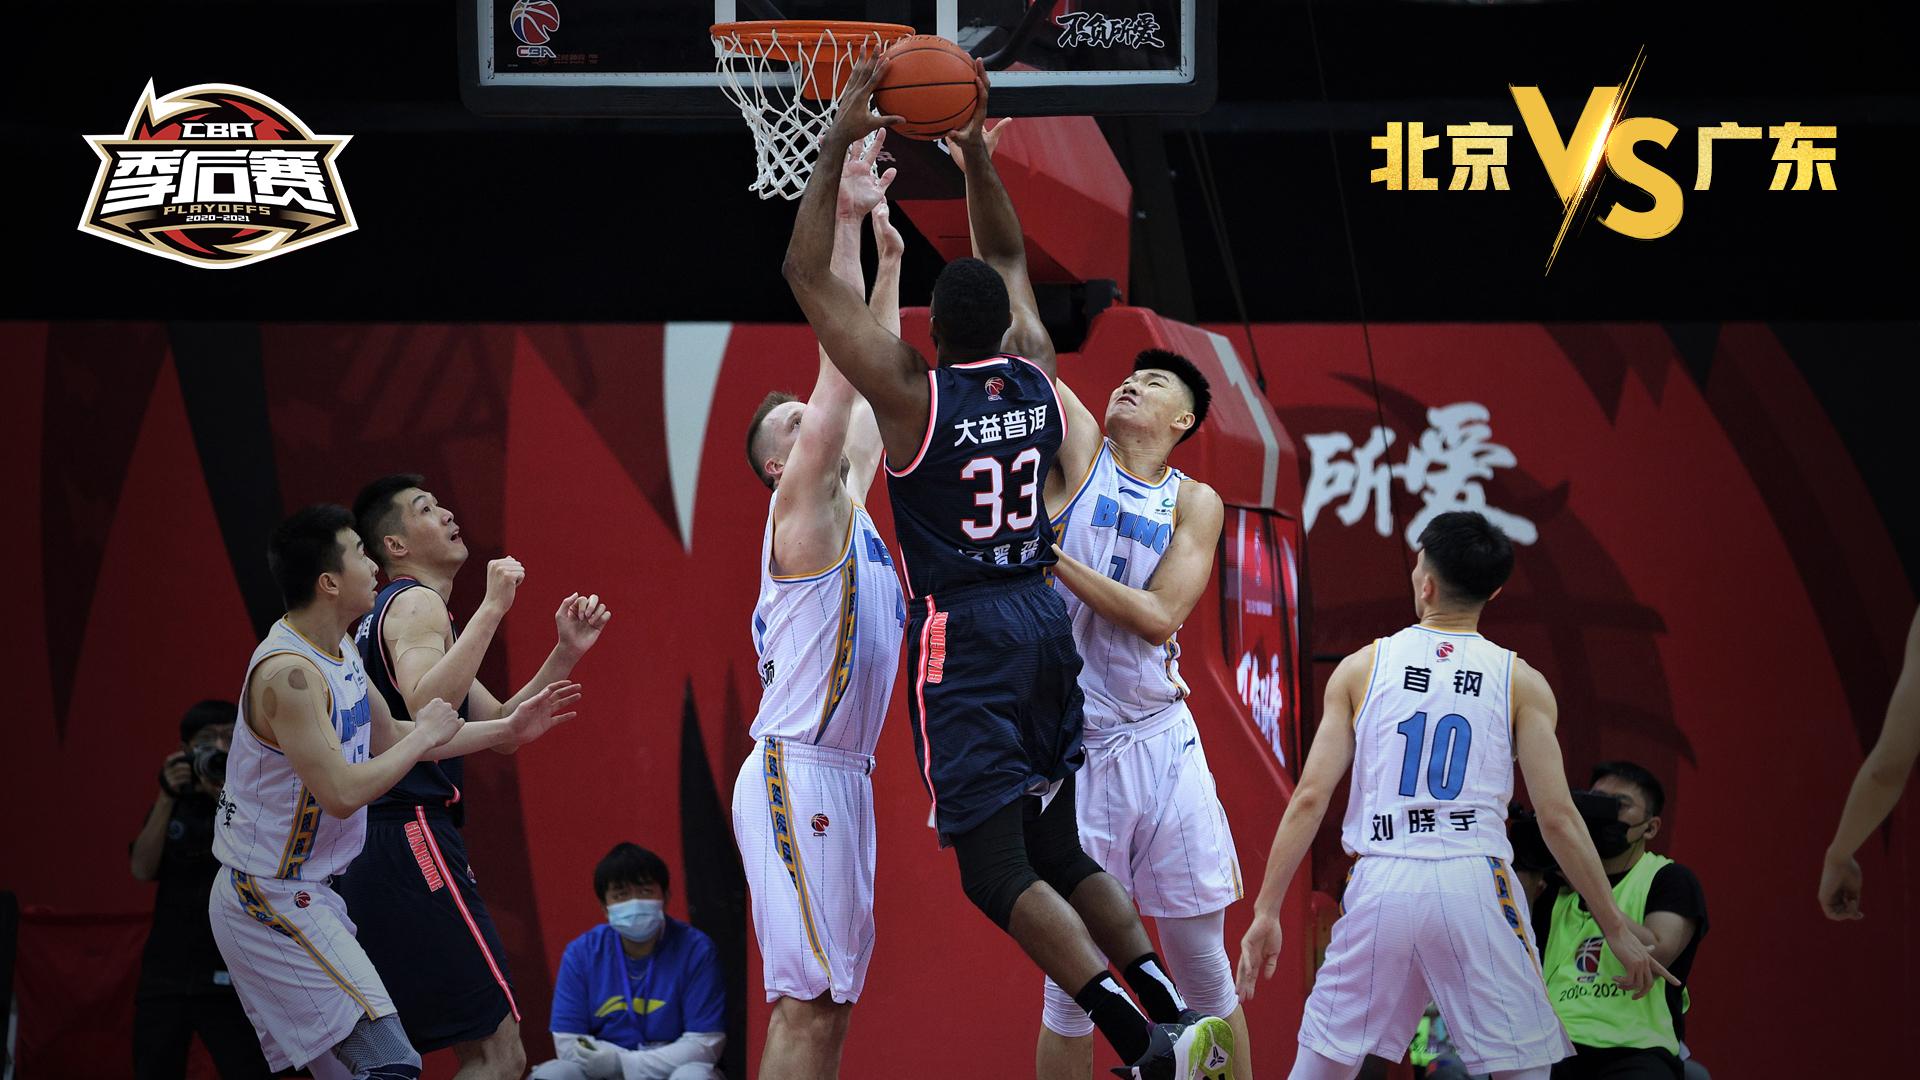 京粤大战叕又来了!北京首钢有机会过卫冕冠军这关吗?